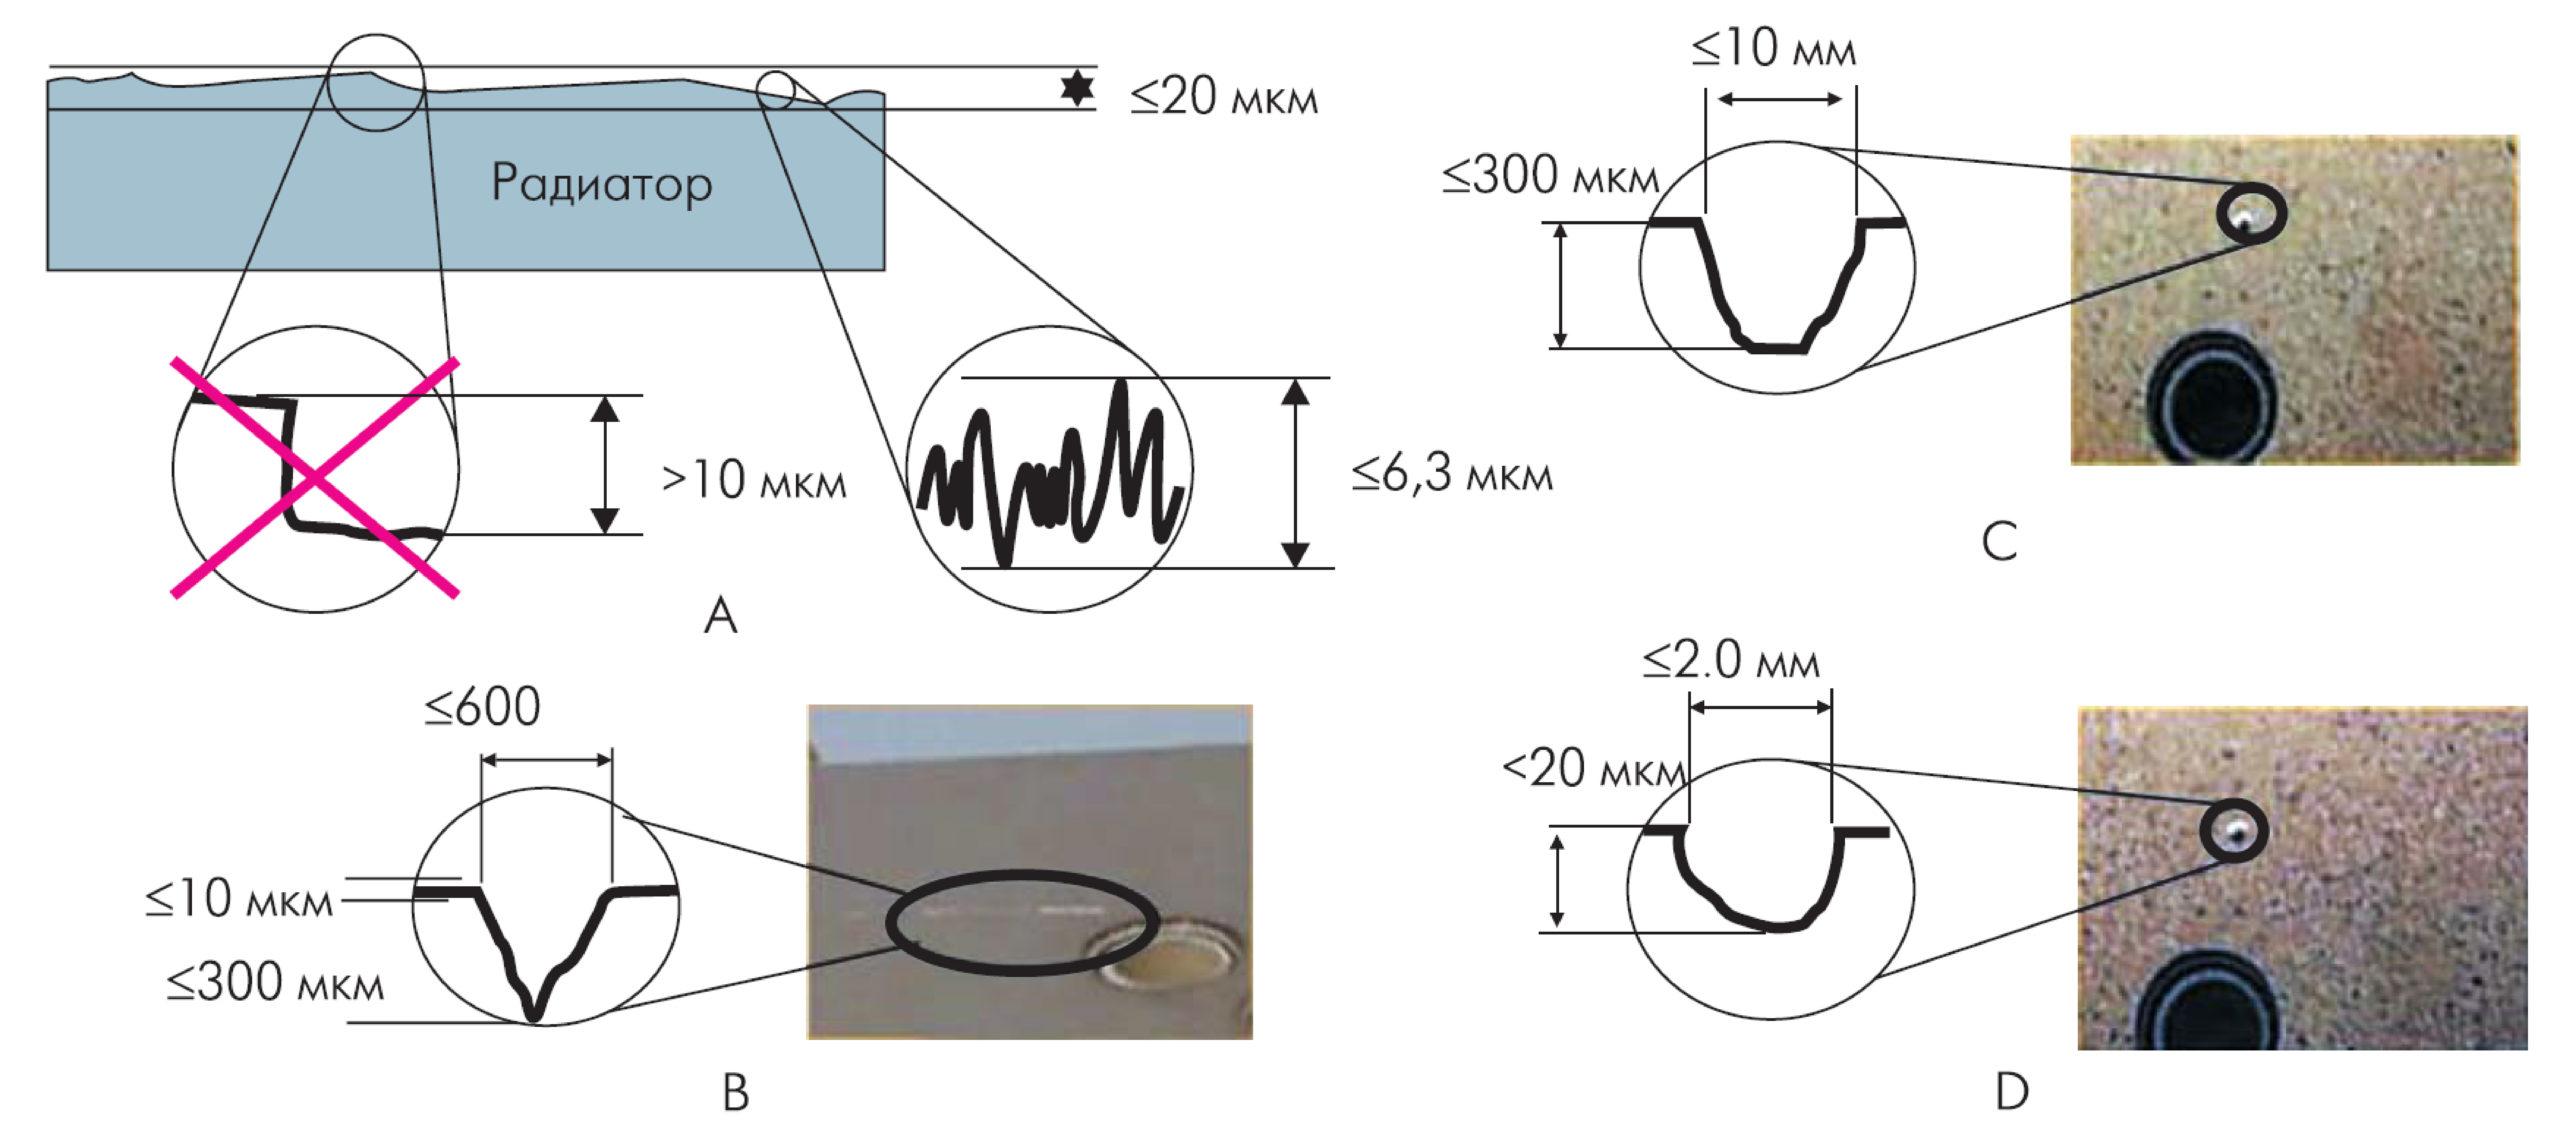 Требования к поверхности радиатора, размеры допустимых повреждений